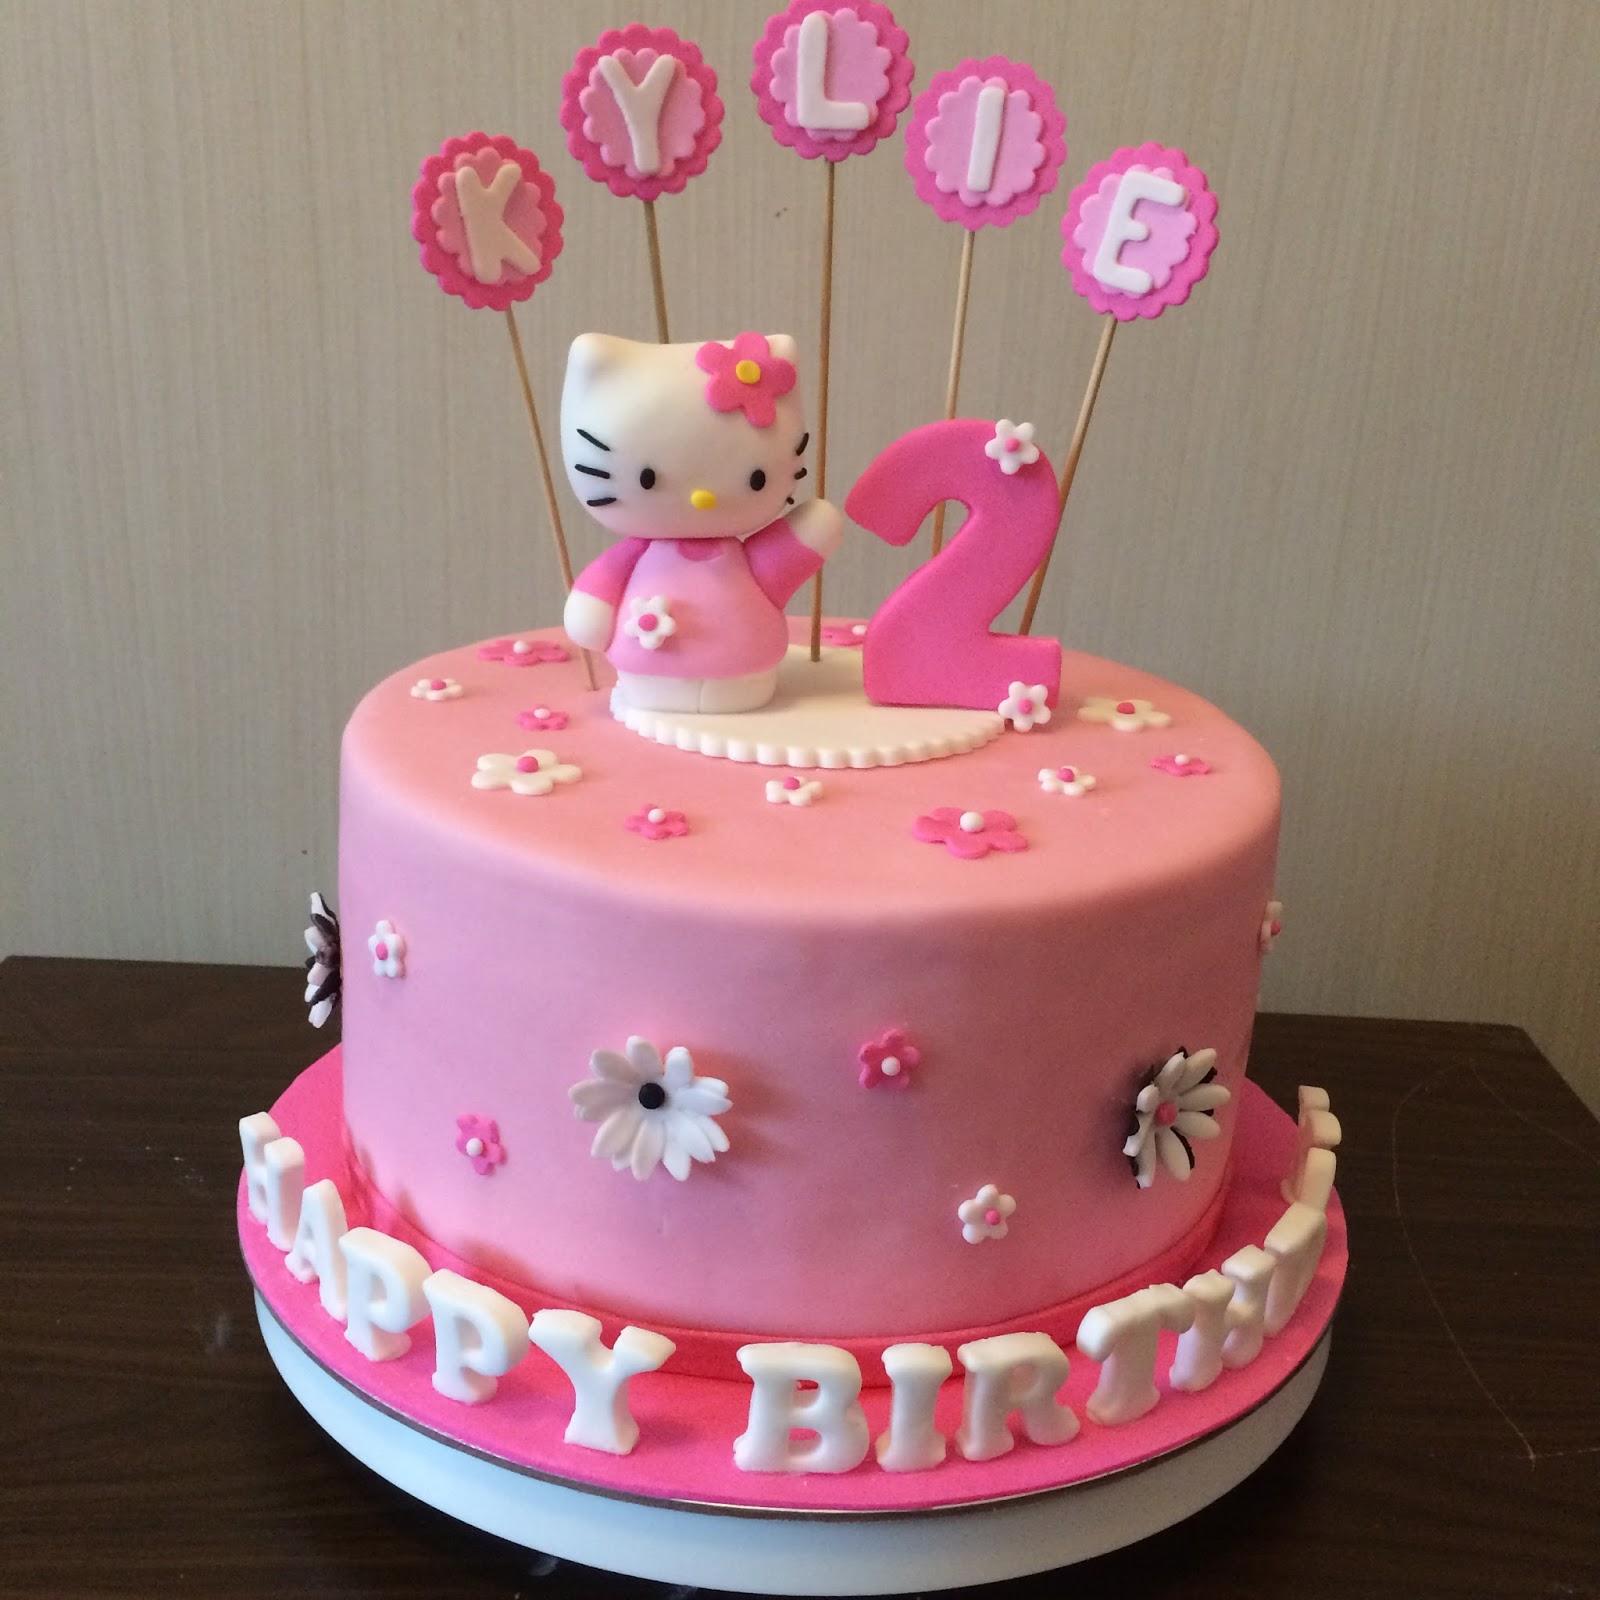 Cake Hello Kitty Pink : Pink Hello Kitty Cake Crissa s Cake Corner!